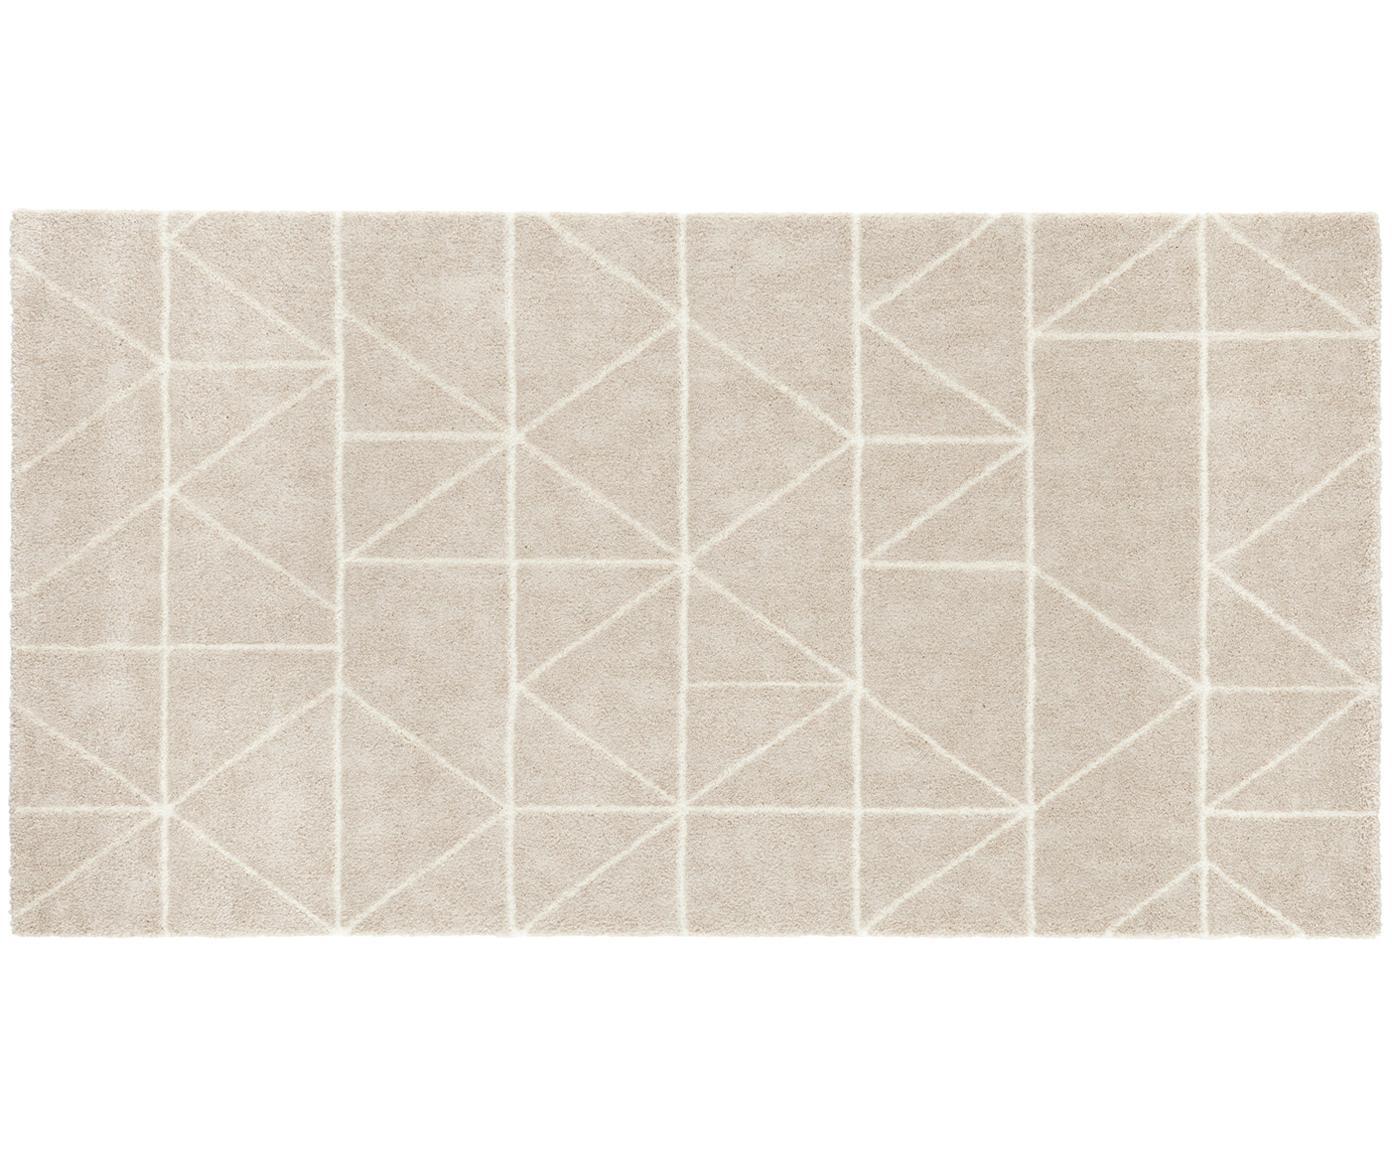 Tappeto in polipropilene con motivi grafici Arles, Retro: juta, Beige, crema, Larg. 80 x Lung. 150 cm (taglia XS)